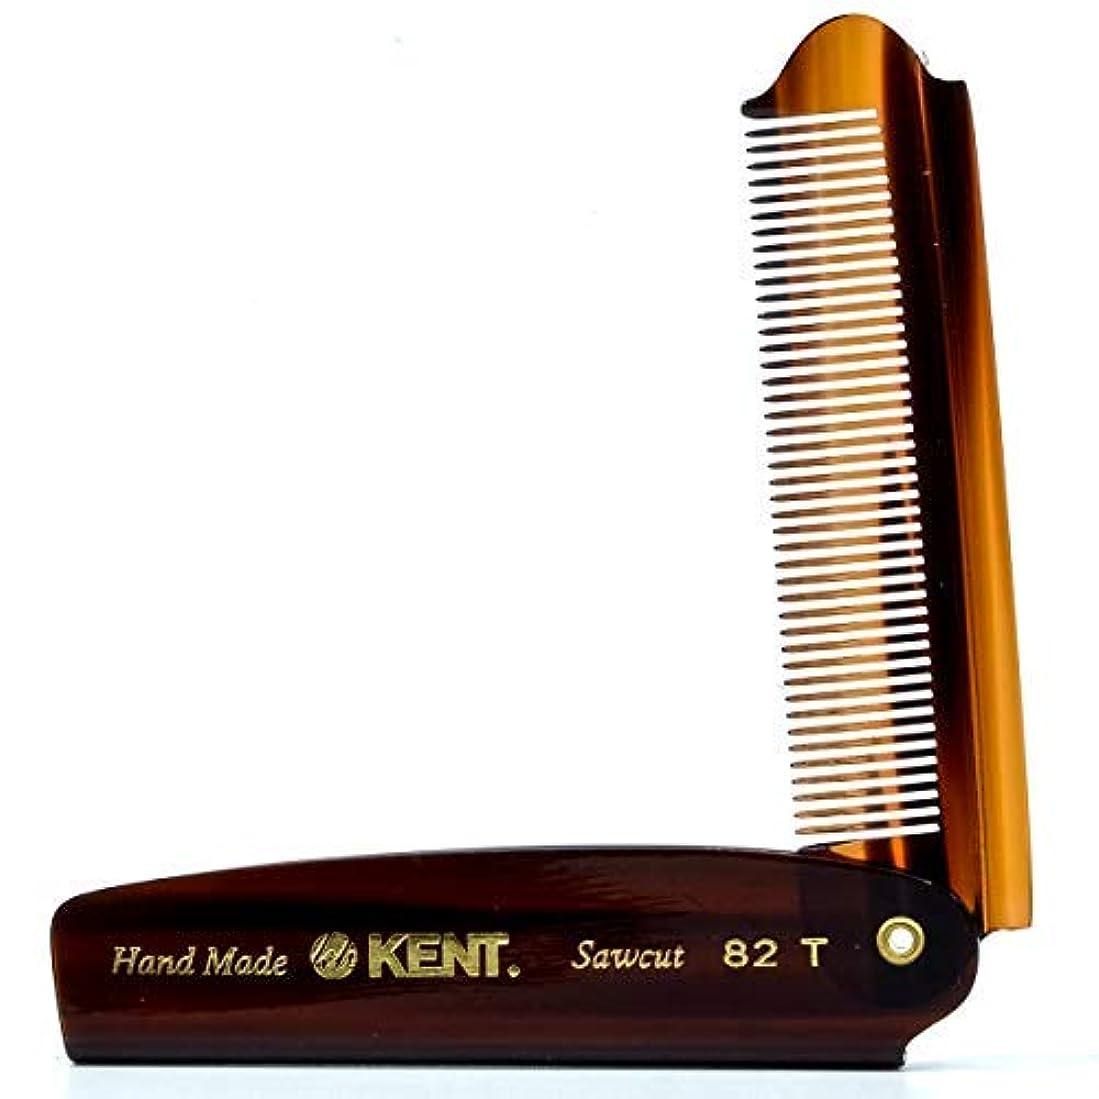 画像もつれ完璧Kent the Hand Made Fine Cut 4 Inches Folding Pocket Comb 82T for Men [並行輸入品]